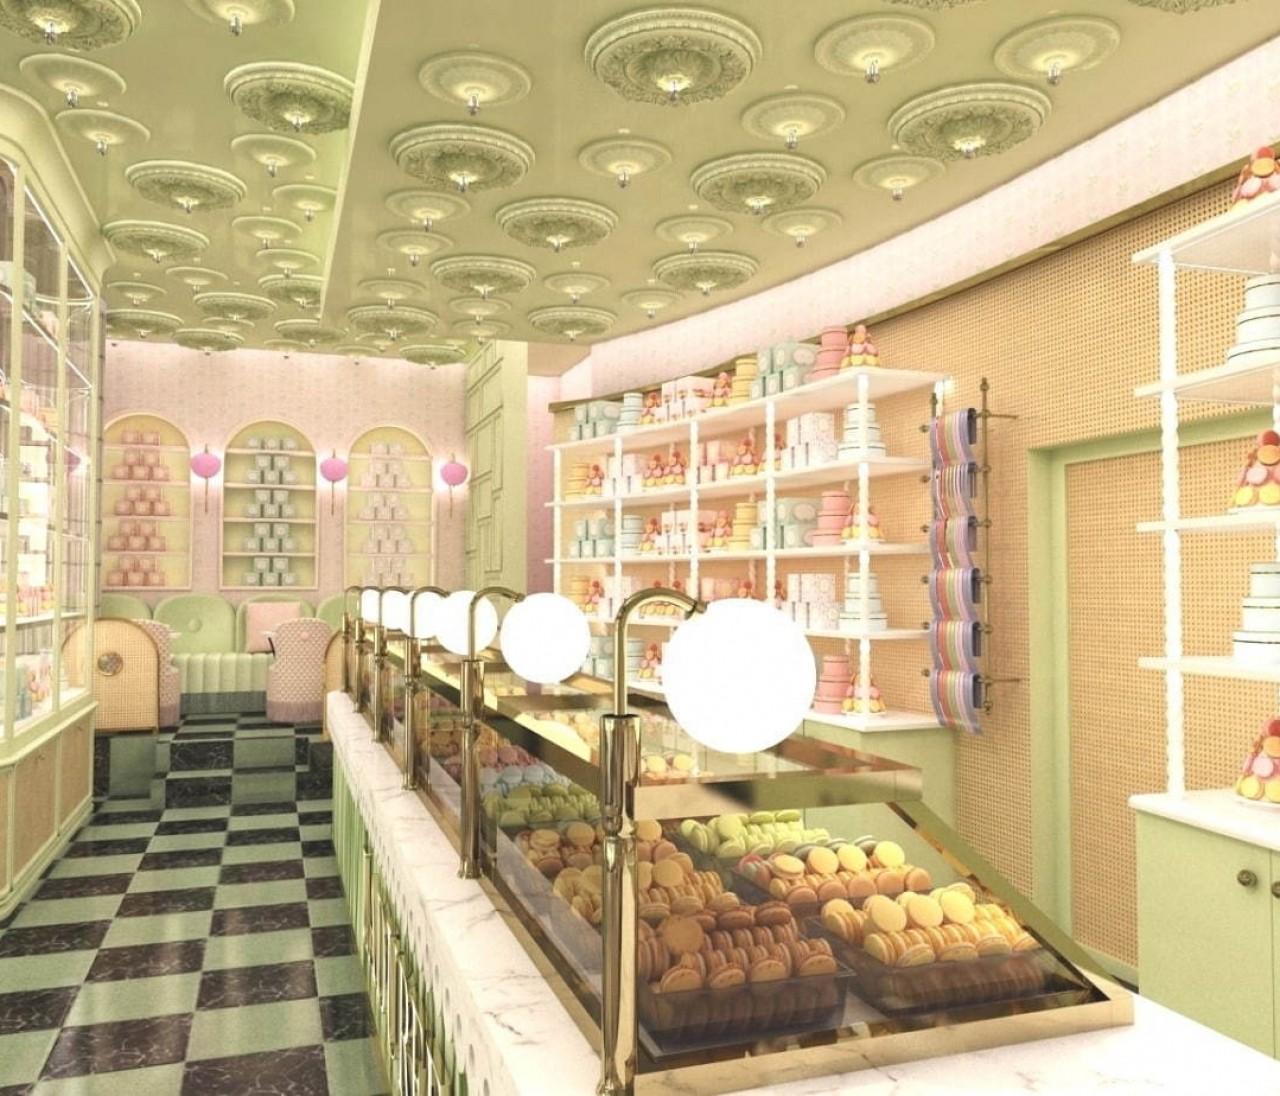 ラデュレ初のロールケーキを限定発売!12/6に『ラデュレ 渋谷松濤店』が渋谷のBunkamuraにオープン